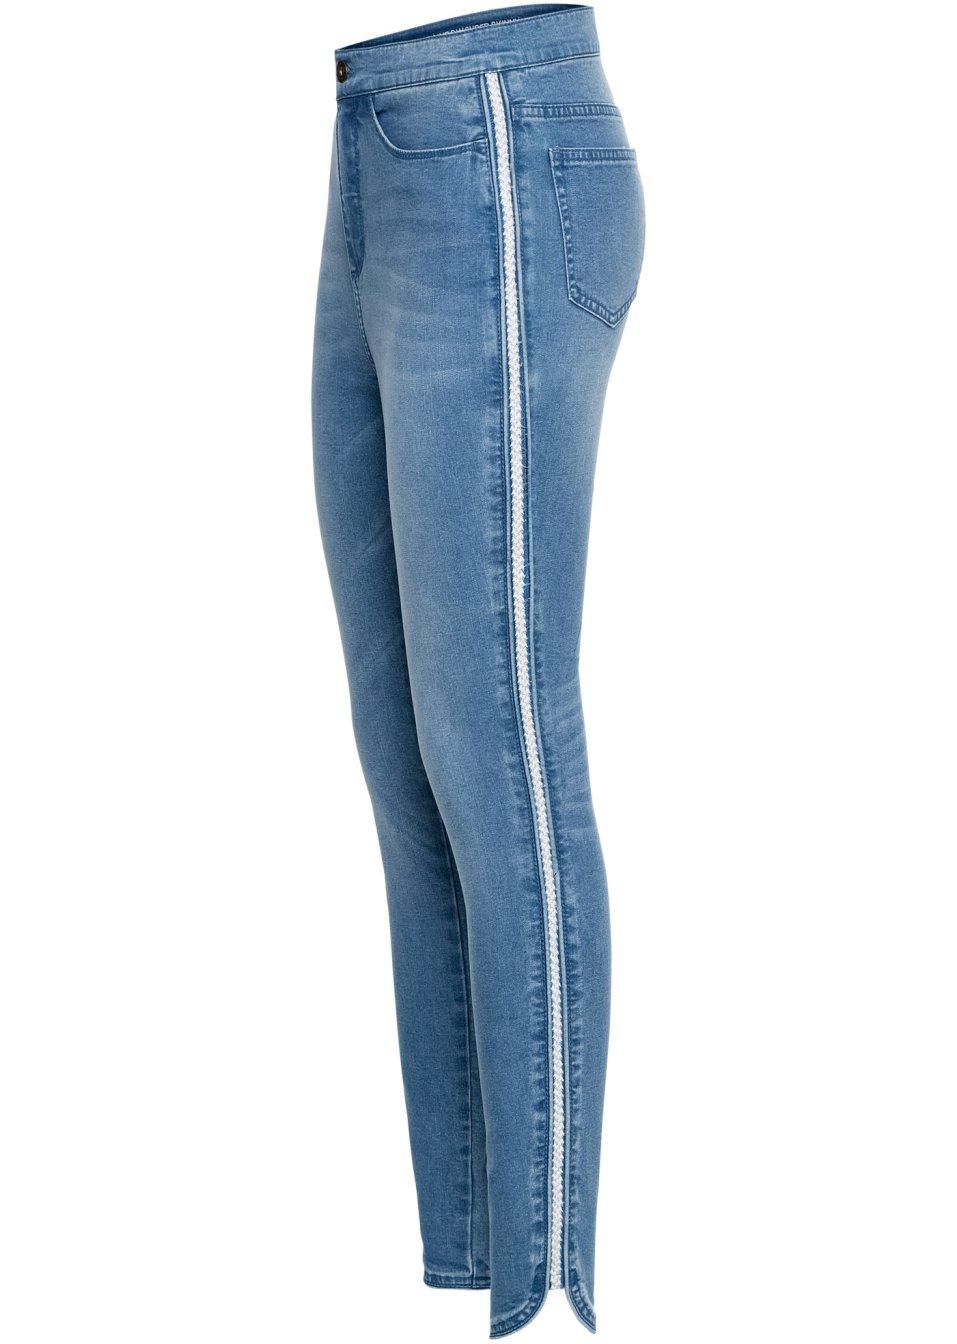 Angesagte Super-Skinny-Jeans mit glitzerndem Seitenstreifen - blue bleached c4IqH LY32U